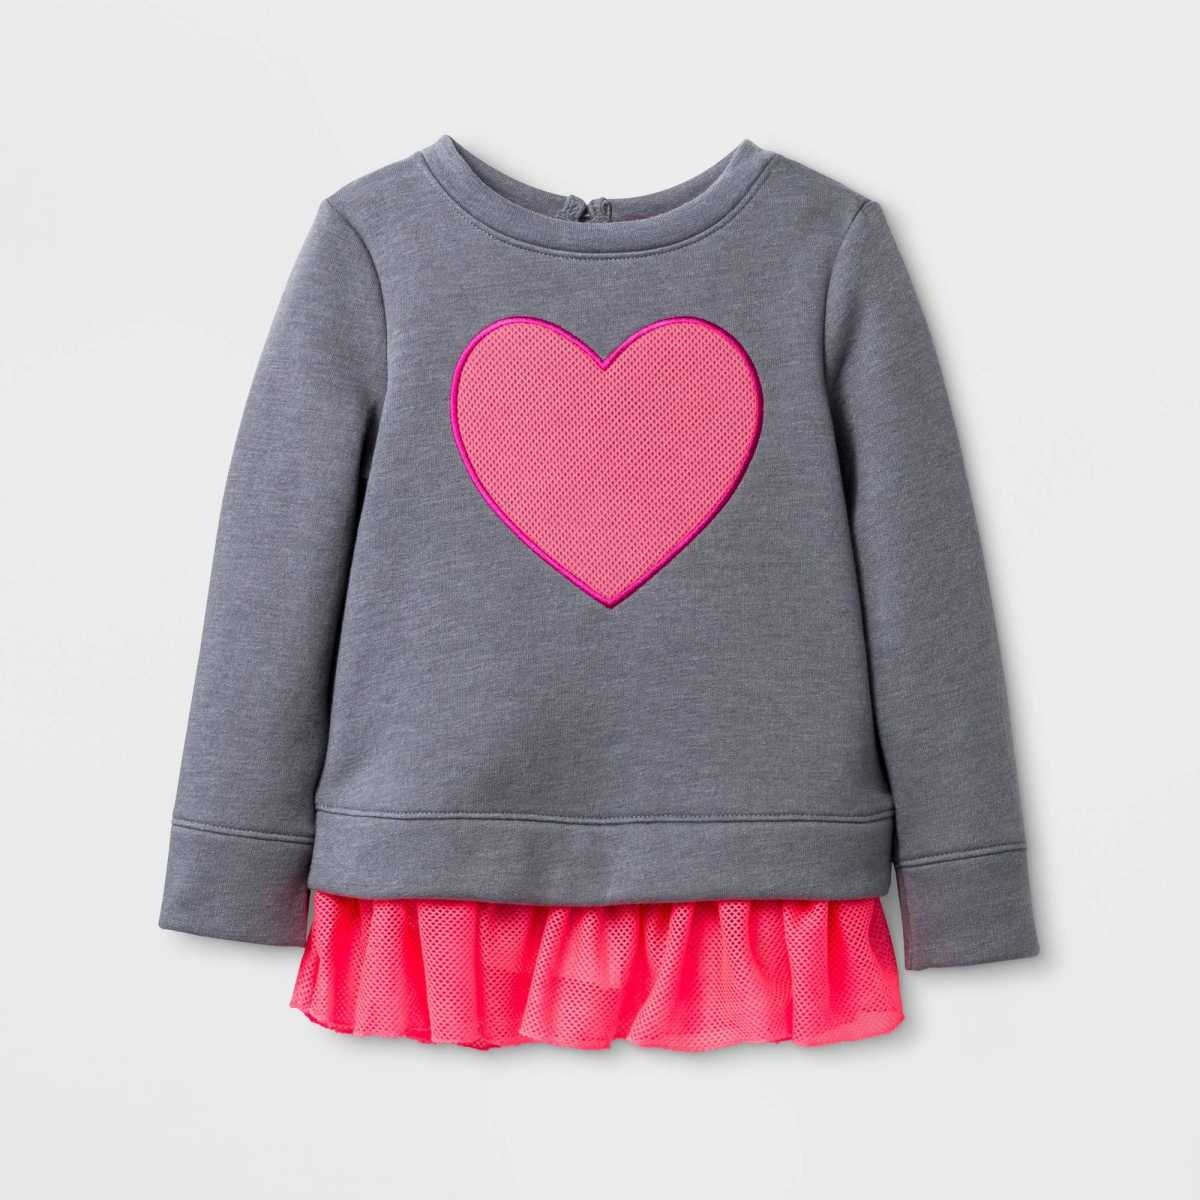 Heart pullover